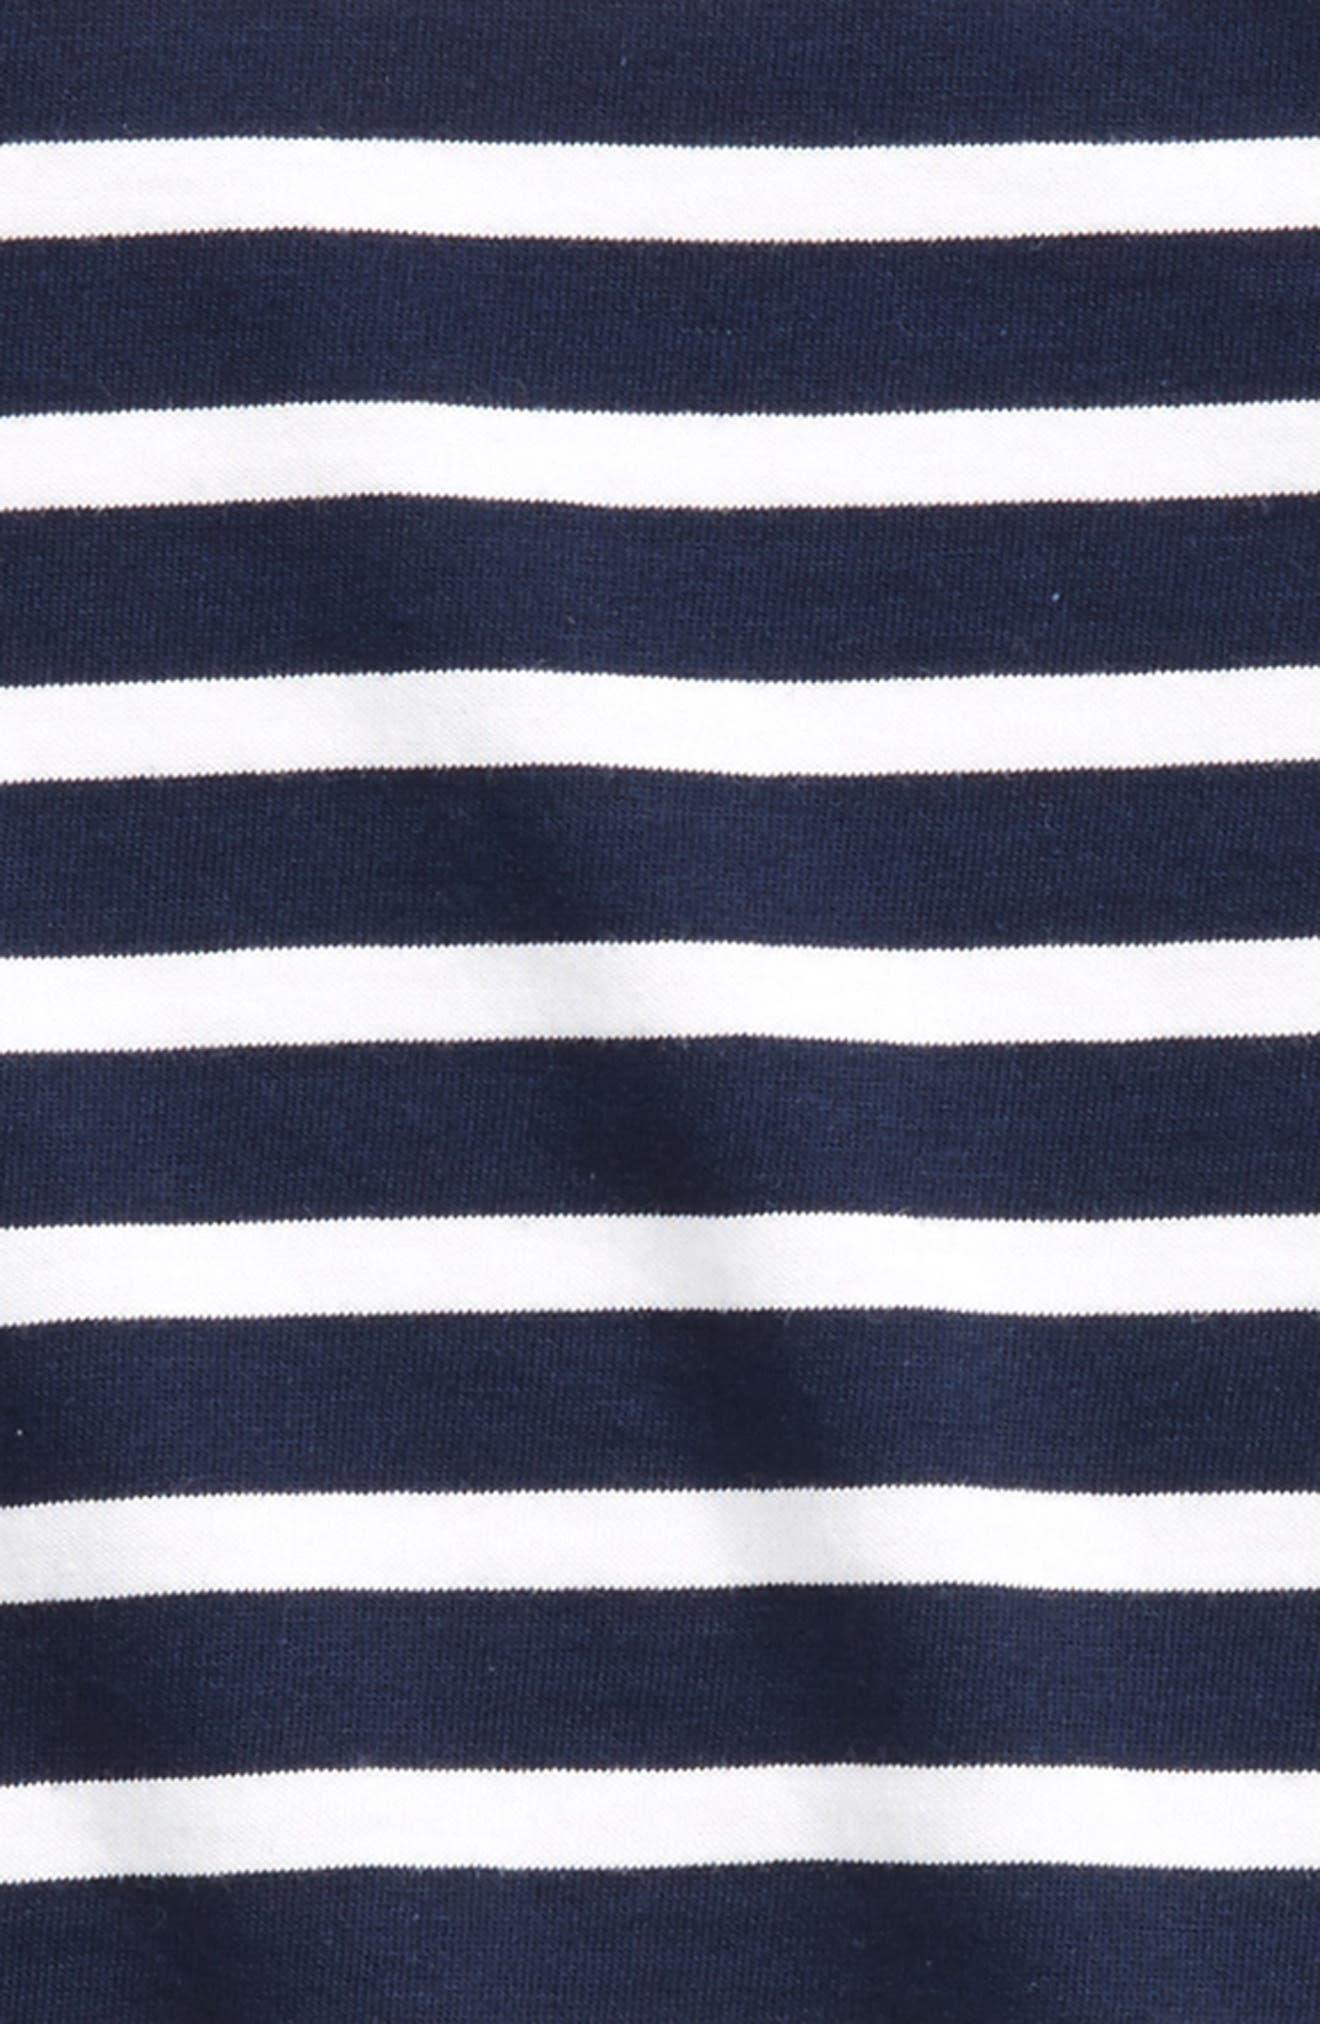 Minquiers Striped Sailor Shirt,                             Alternate thumbnail 2, color,